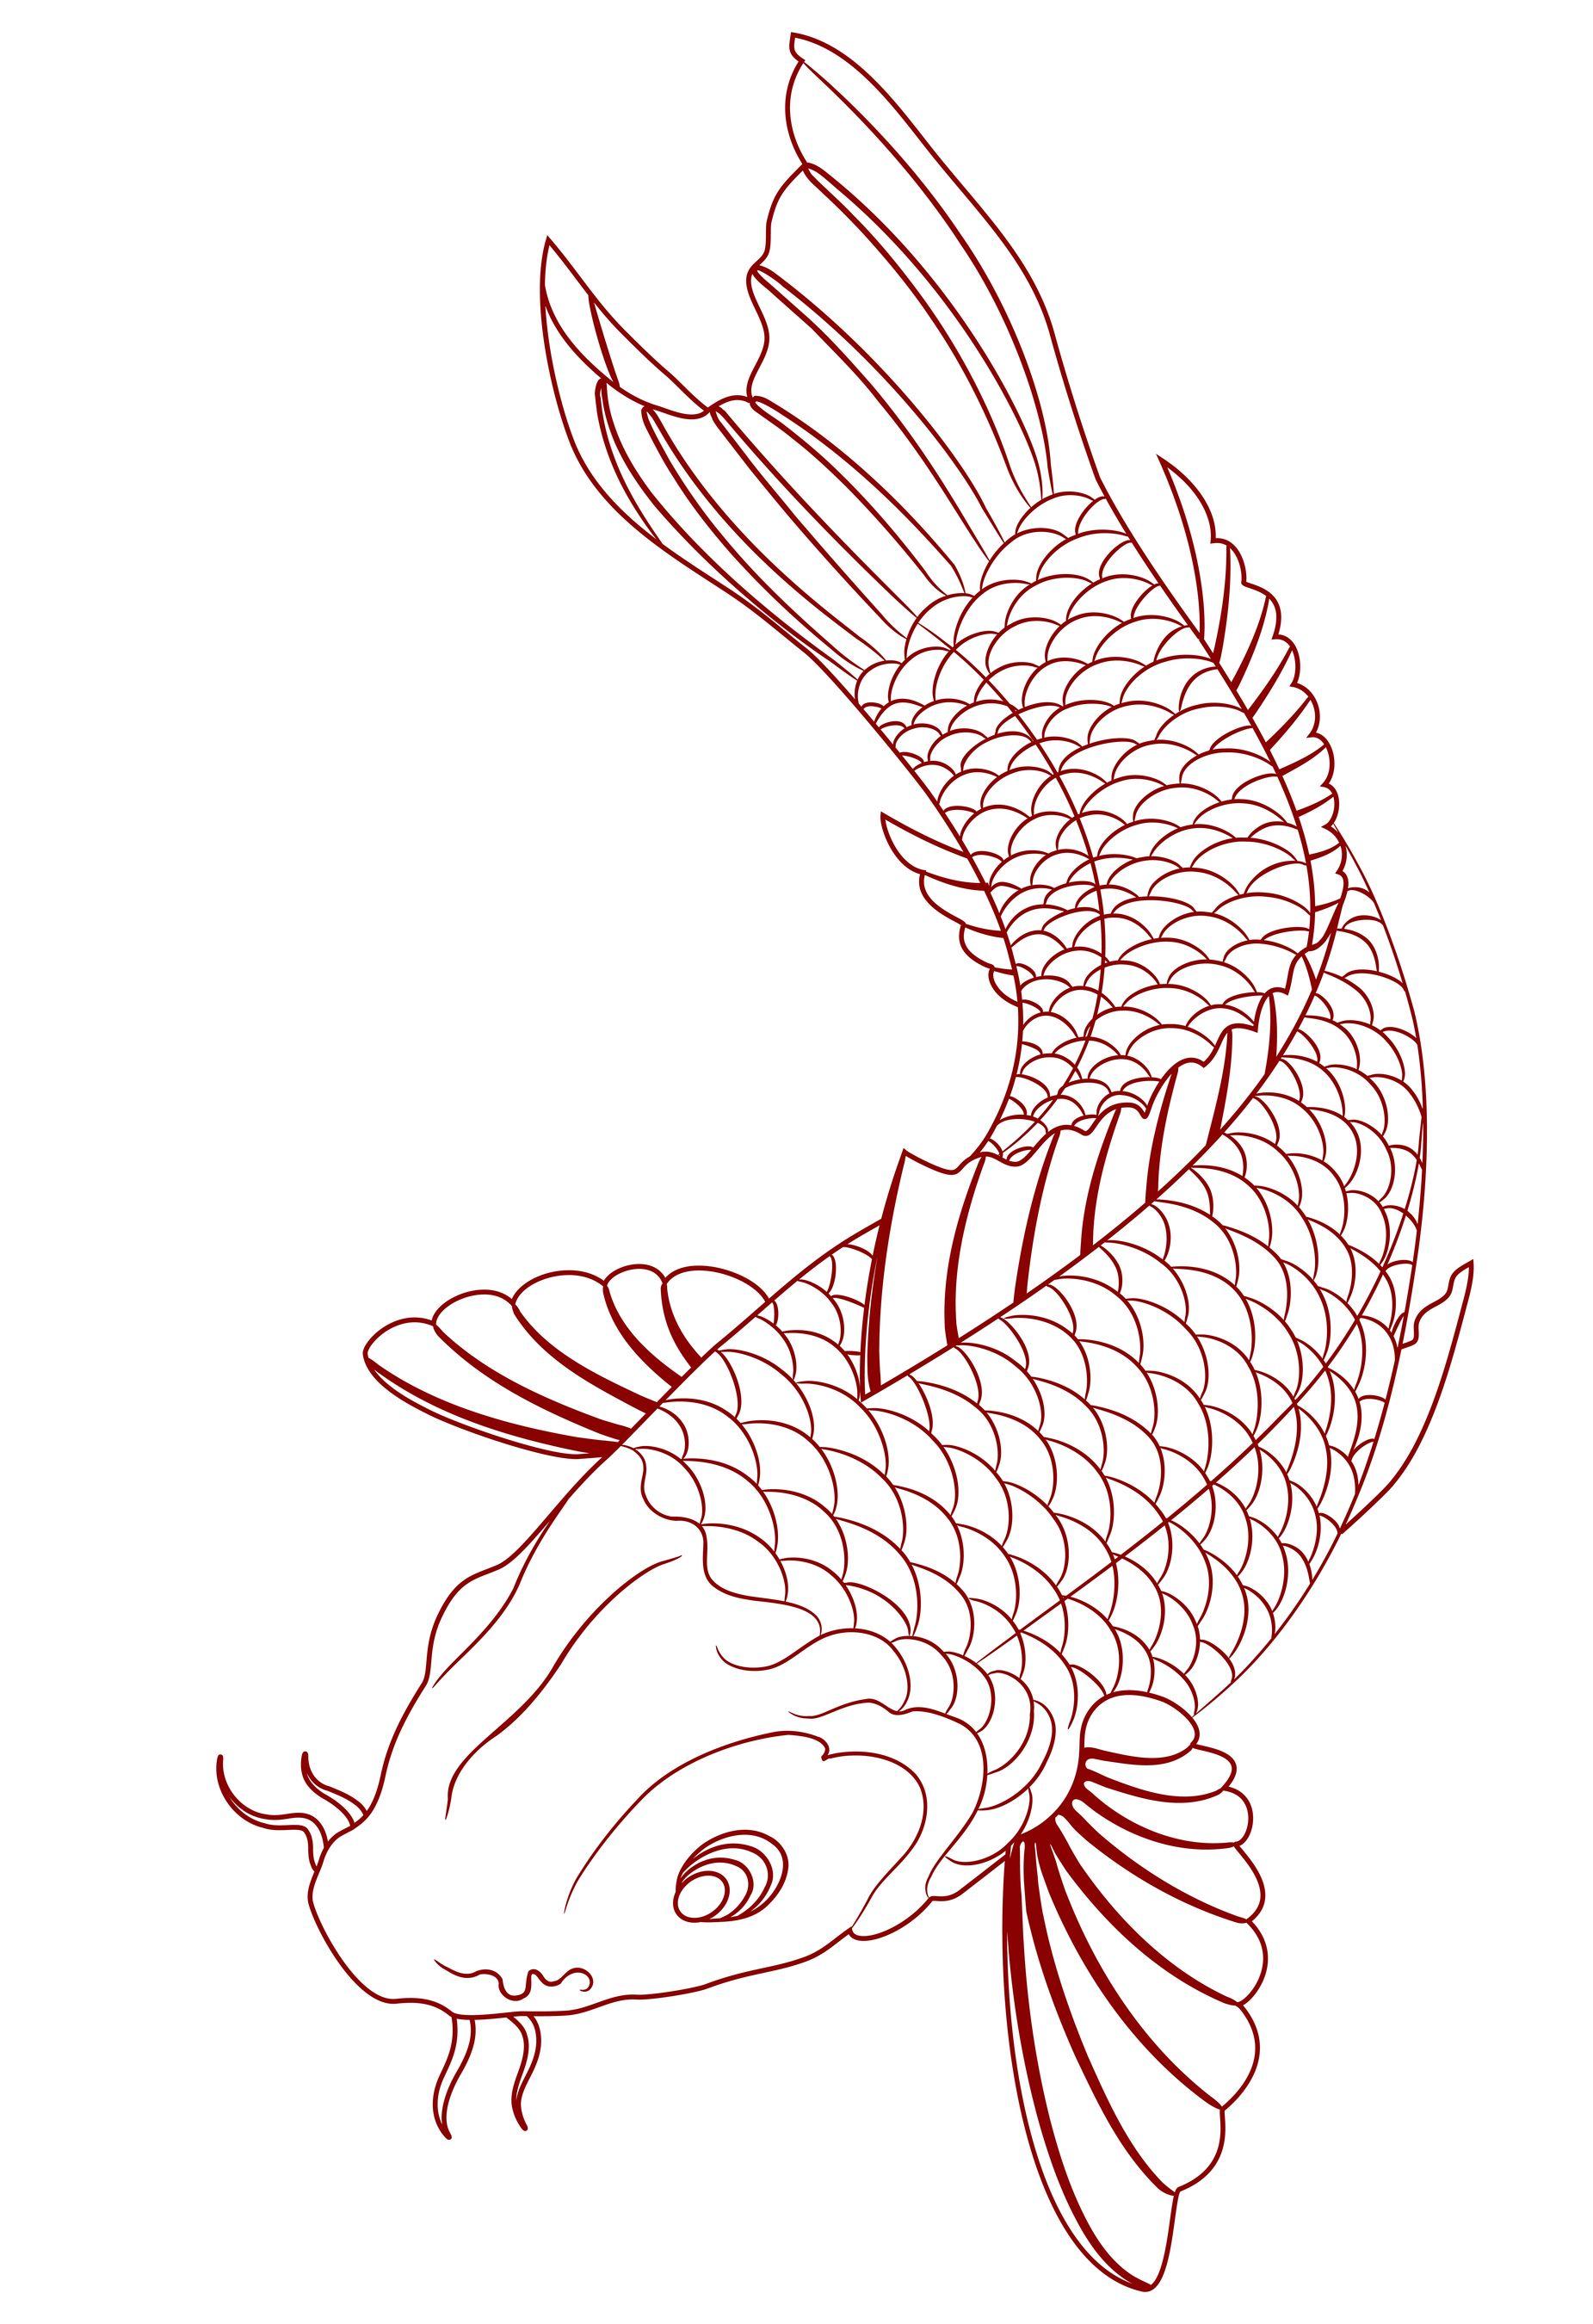 21 Koi Fish Tattoo Design And Ideas | Art | Pinterest | Tattoo ...